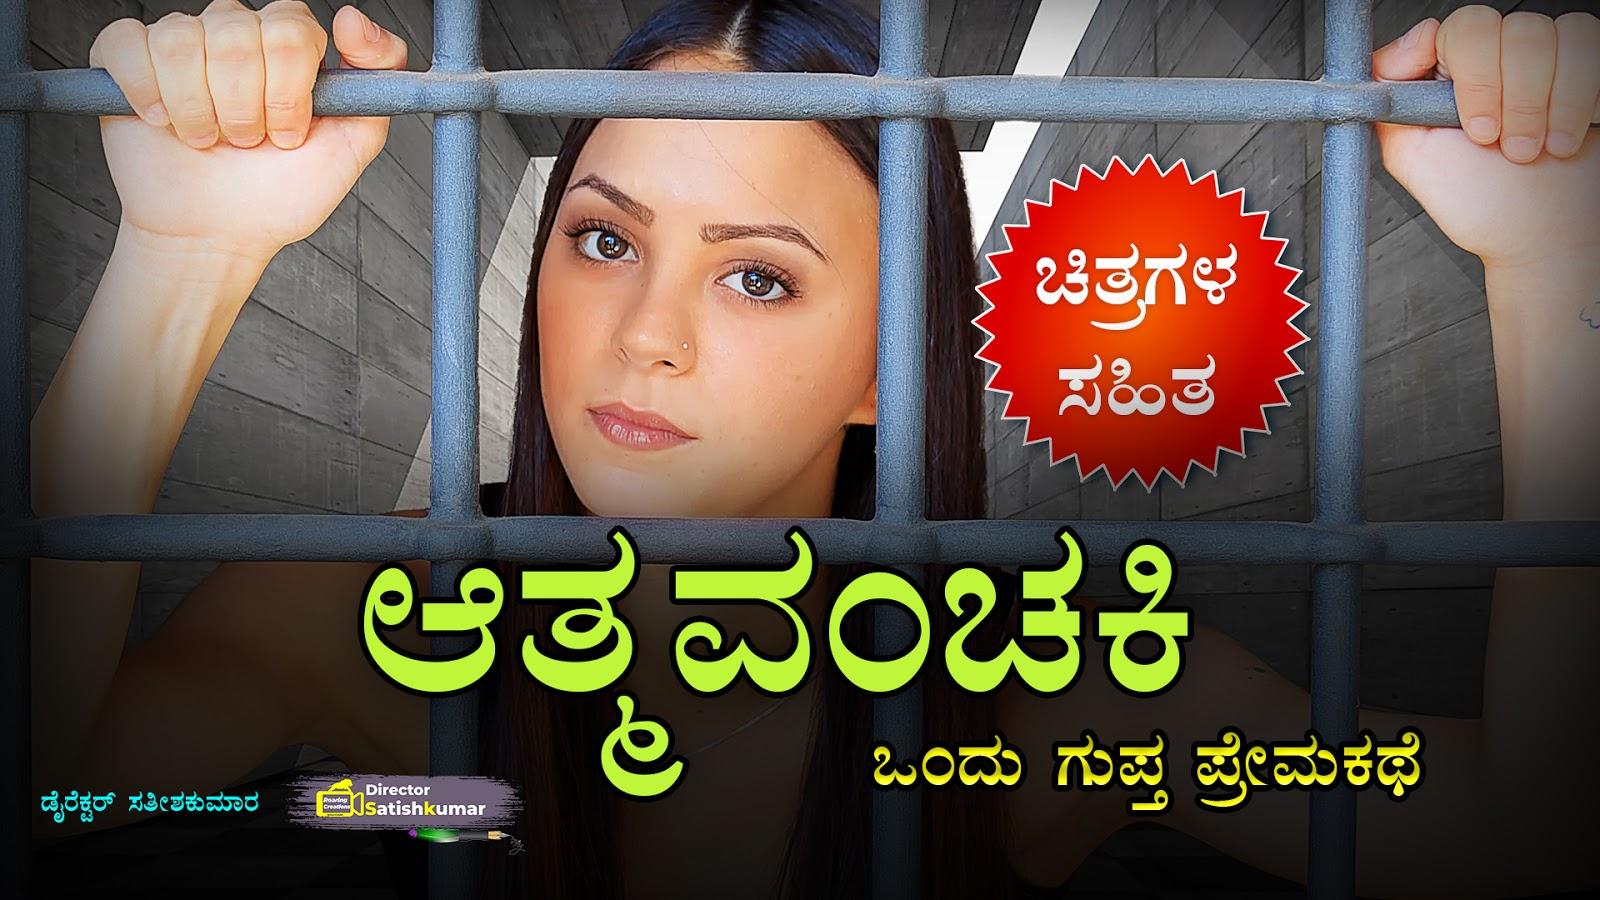 ಆತ್ಮವಂಚಕಿ : ಒಂದು ಗುಪ್ತ ಪ್ರೇಮಕಥೆ - Kannada Secret Love Story